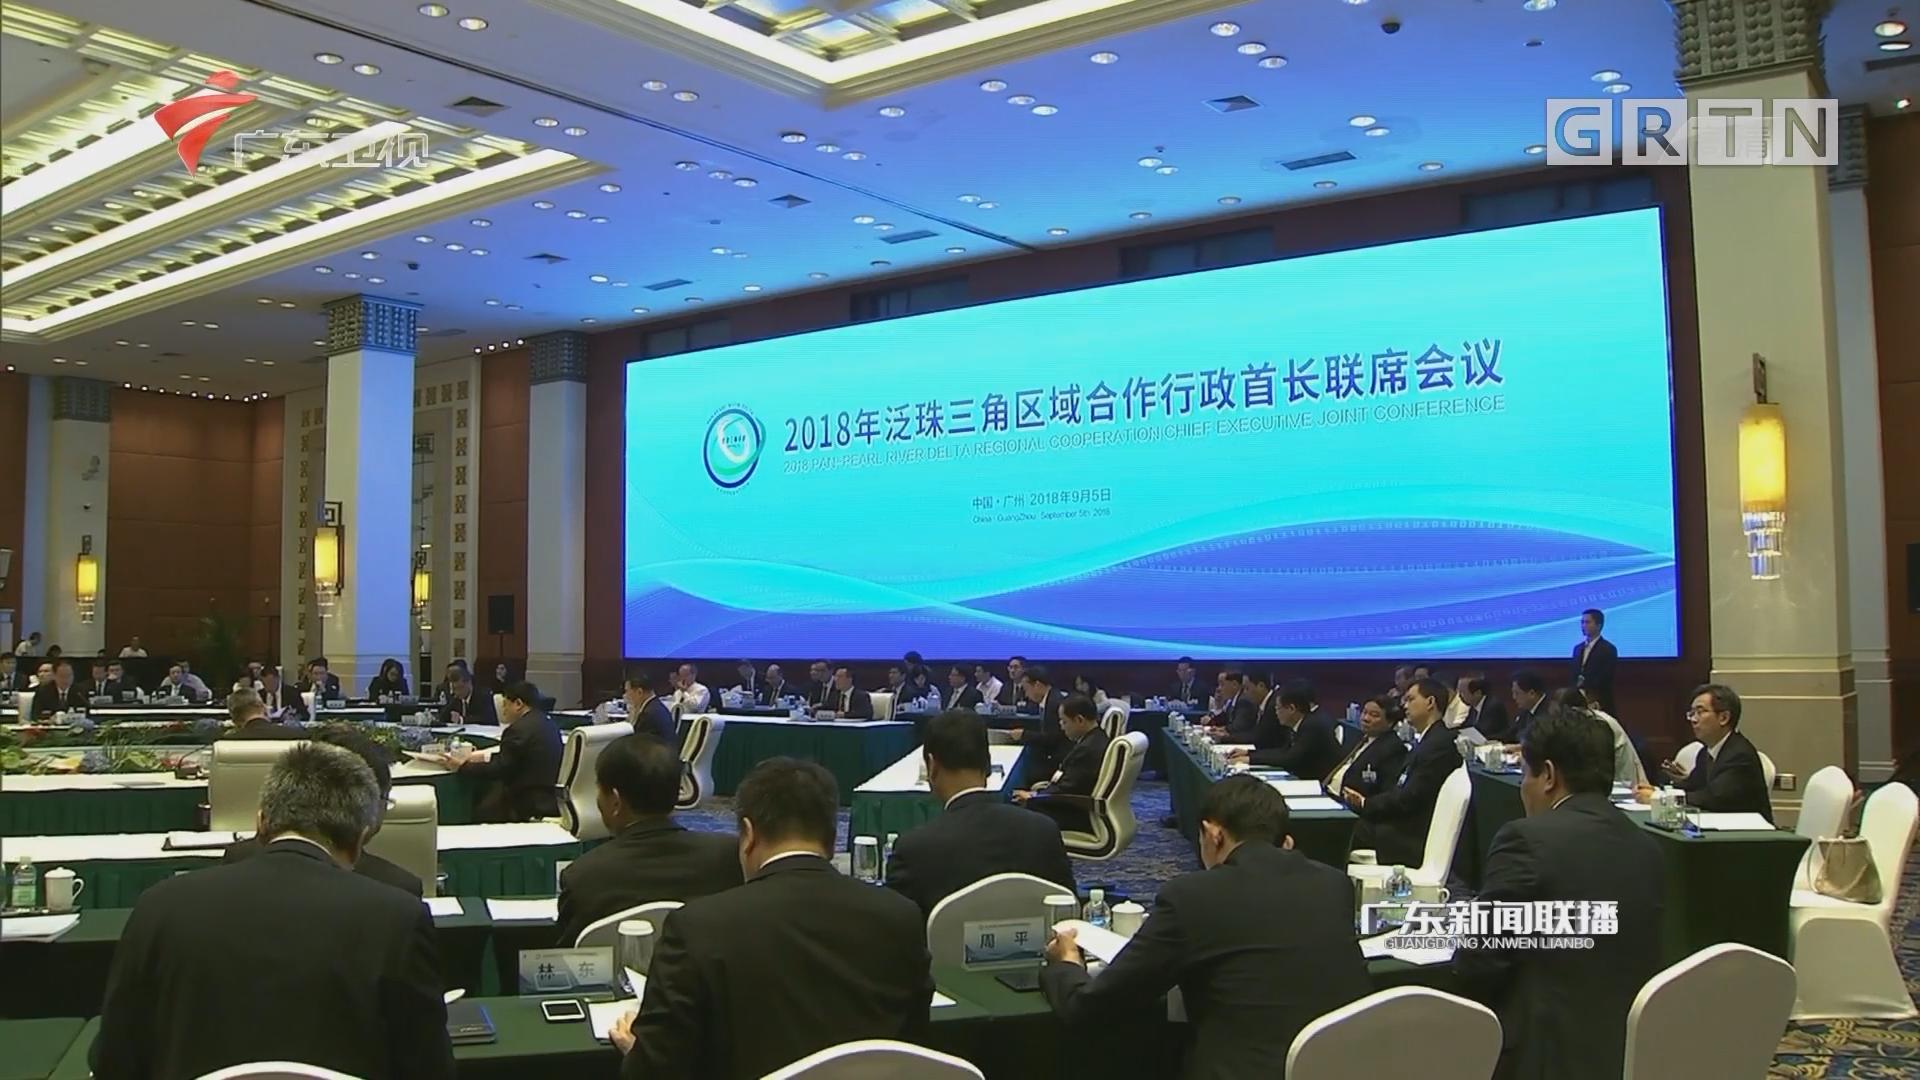 2018年泛珠三角区域合作行政首长联席会议在广州举行